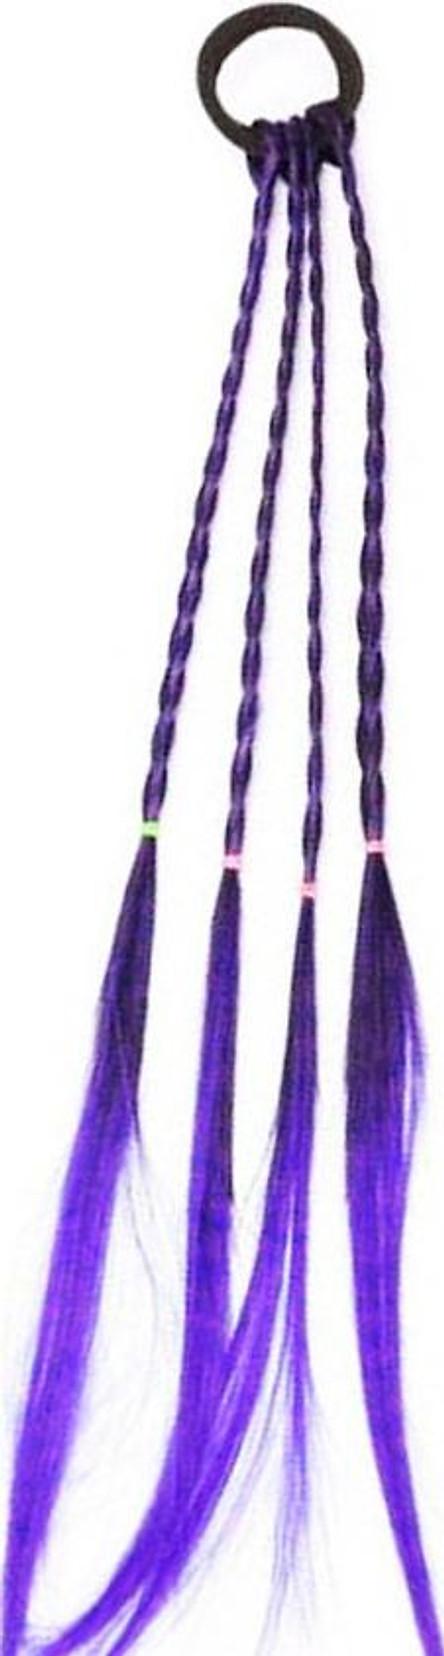 Buộc tóc bím highlight